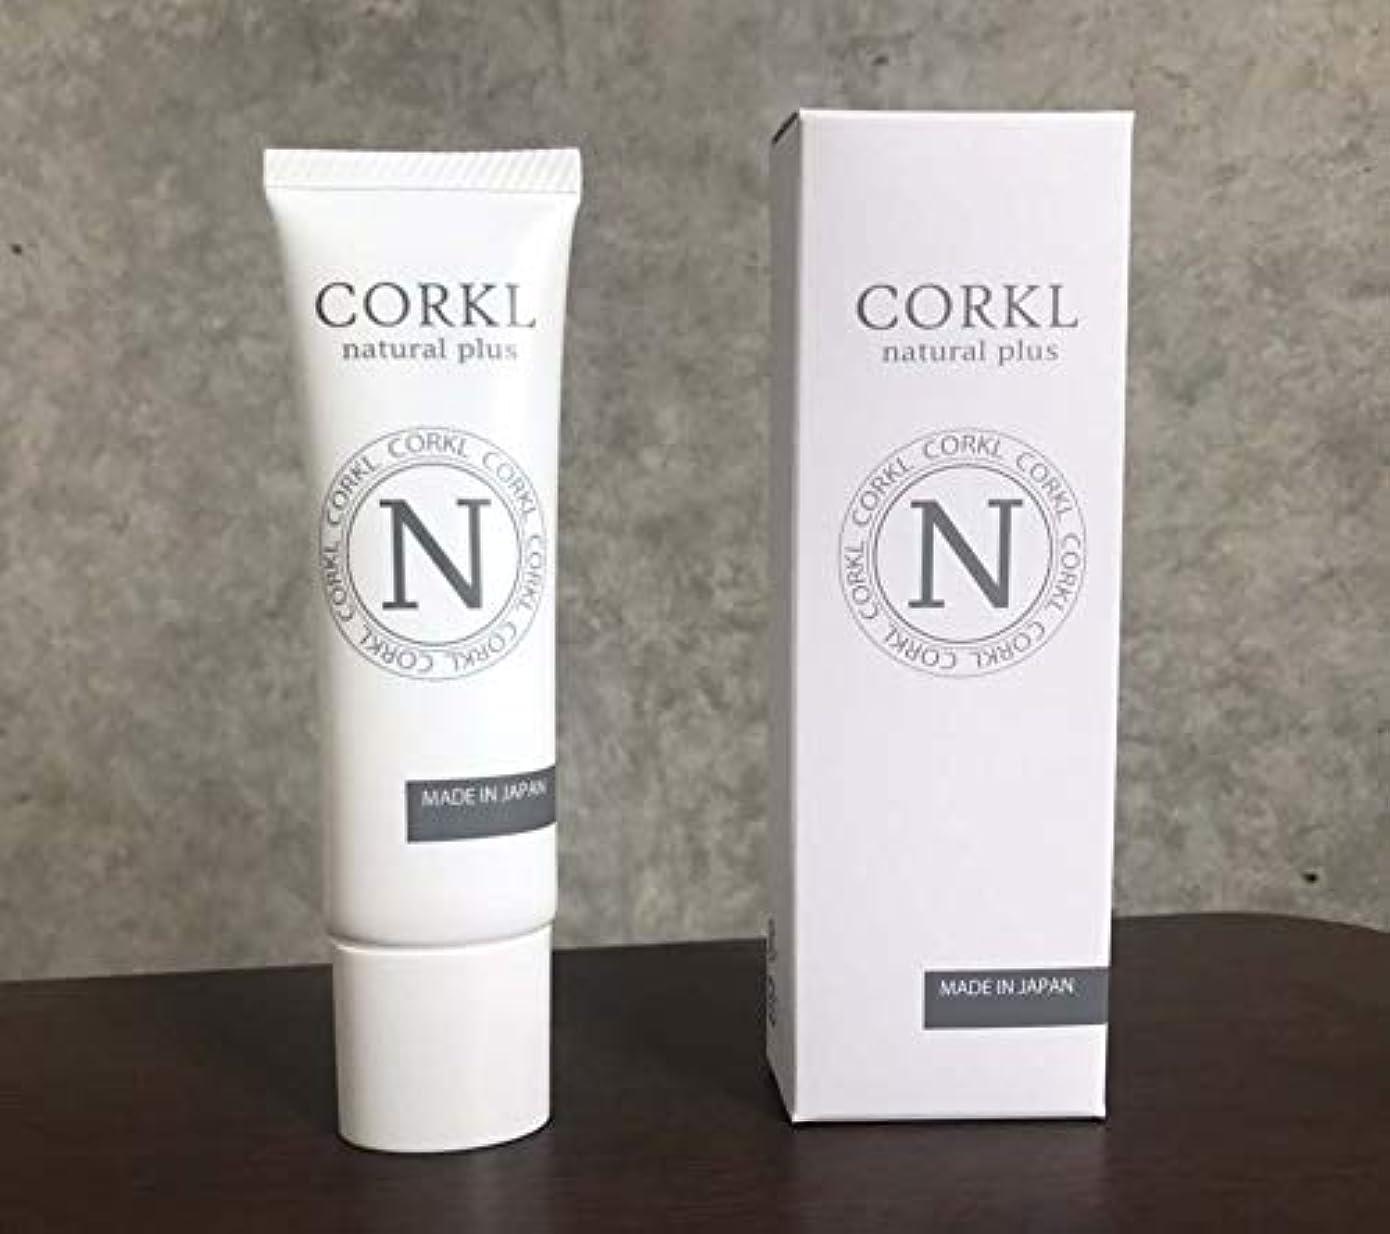 コンプリート州資本主義コルクルナチュルクリーム(CORKL)手汗?顔汗に悩む方向けに開発された国産化粧品